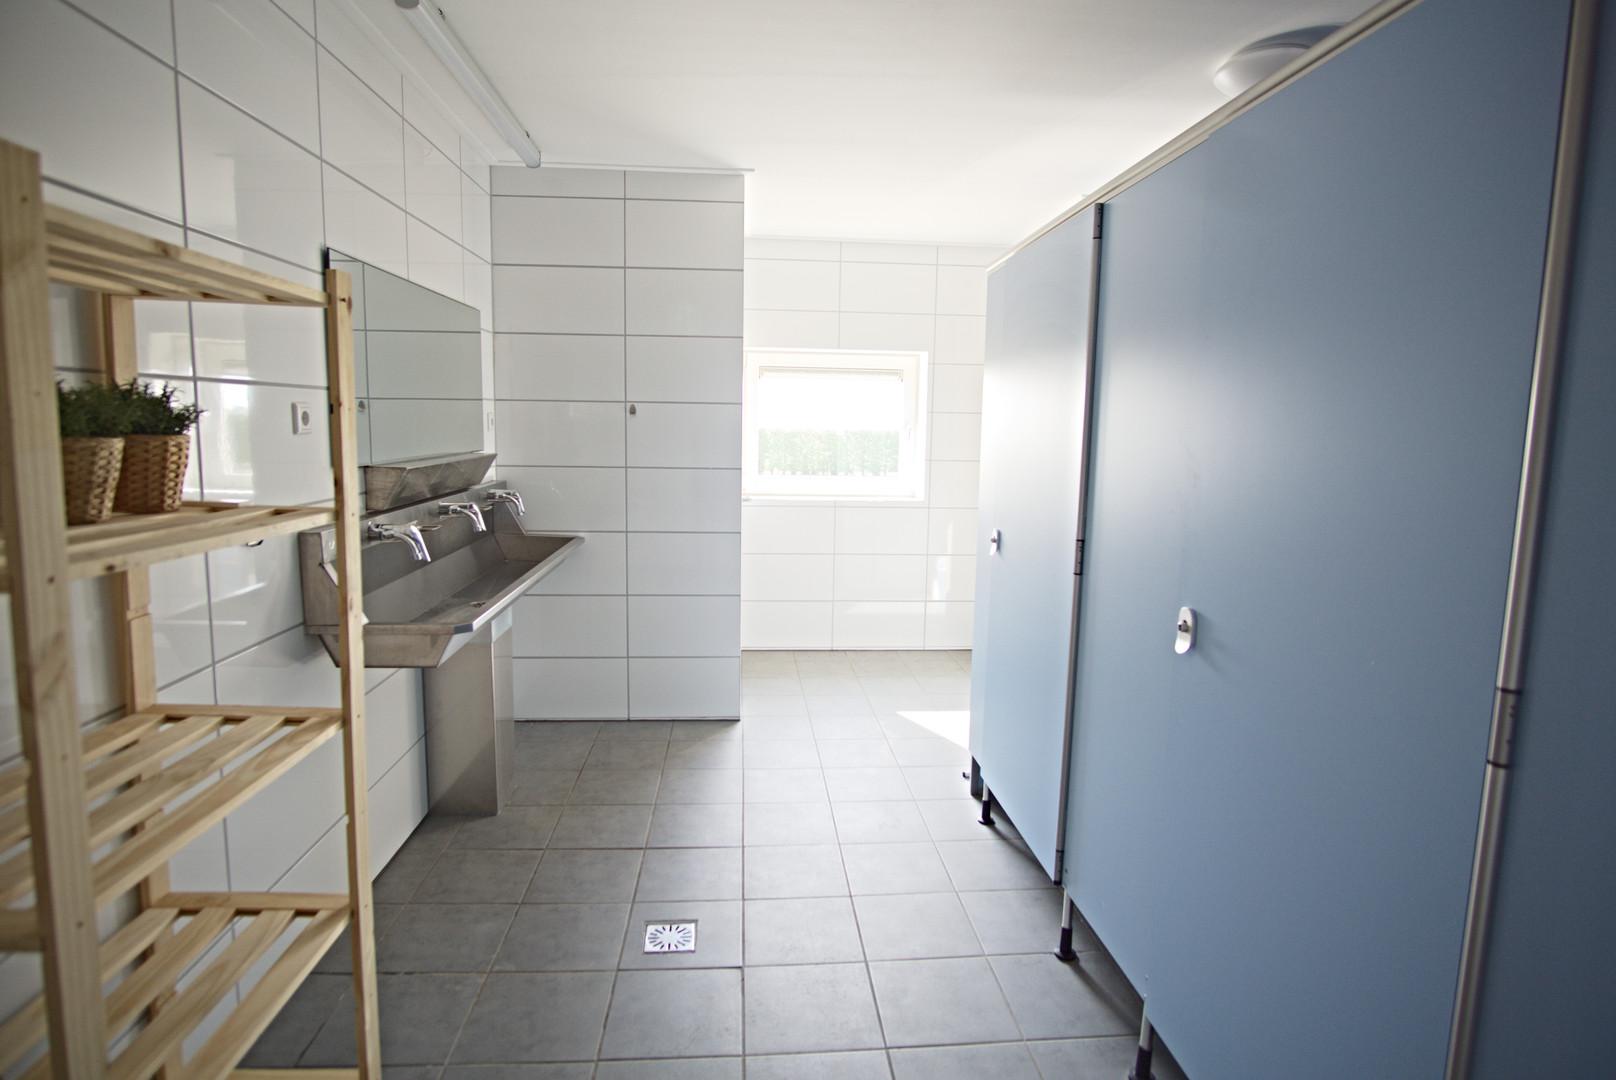 Badkamer bewerkt.jpg